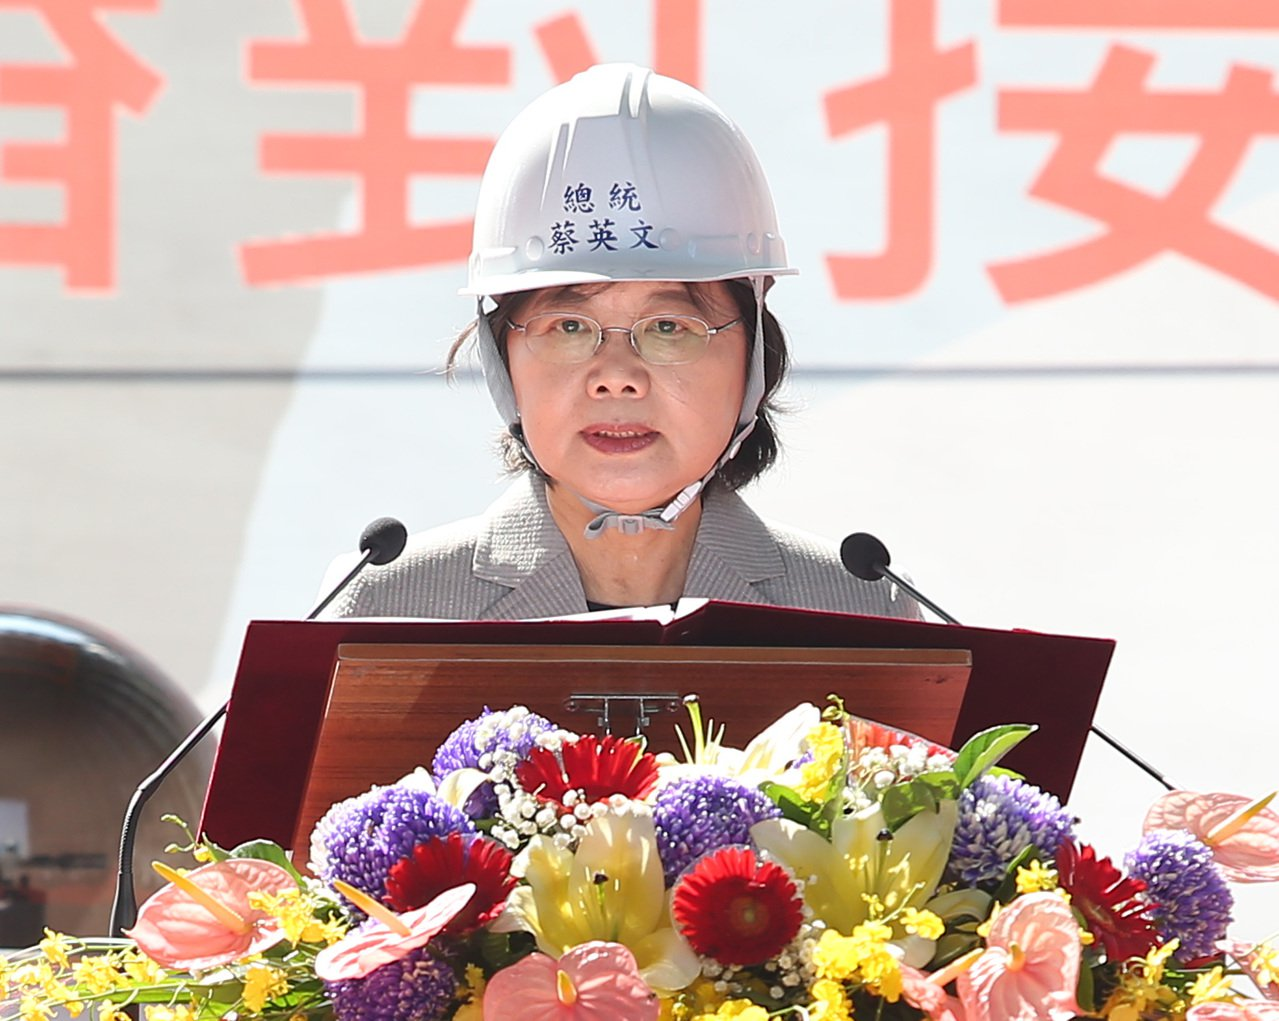 蔡英文總統昨天表示,現在台灣不缺電已經是事實。 記者林澔一/攝影